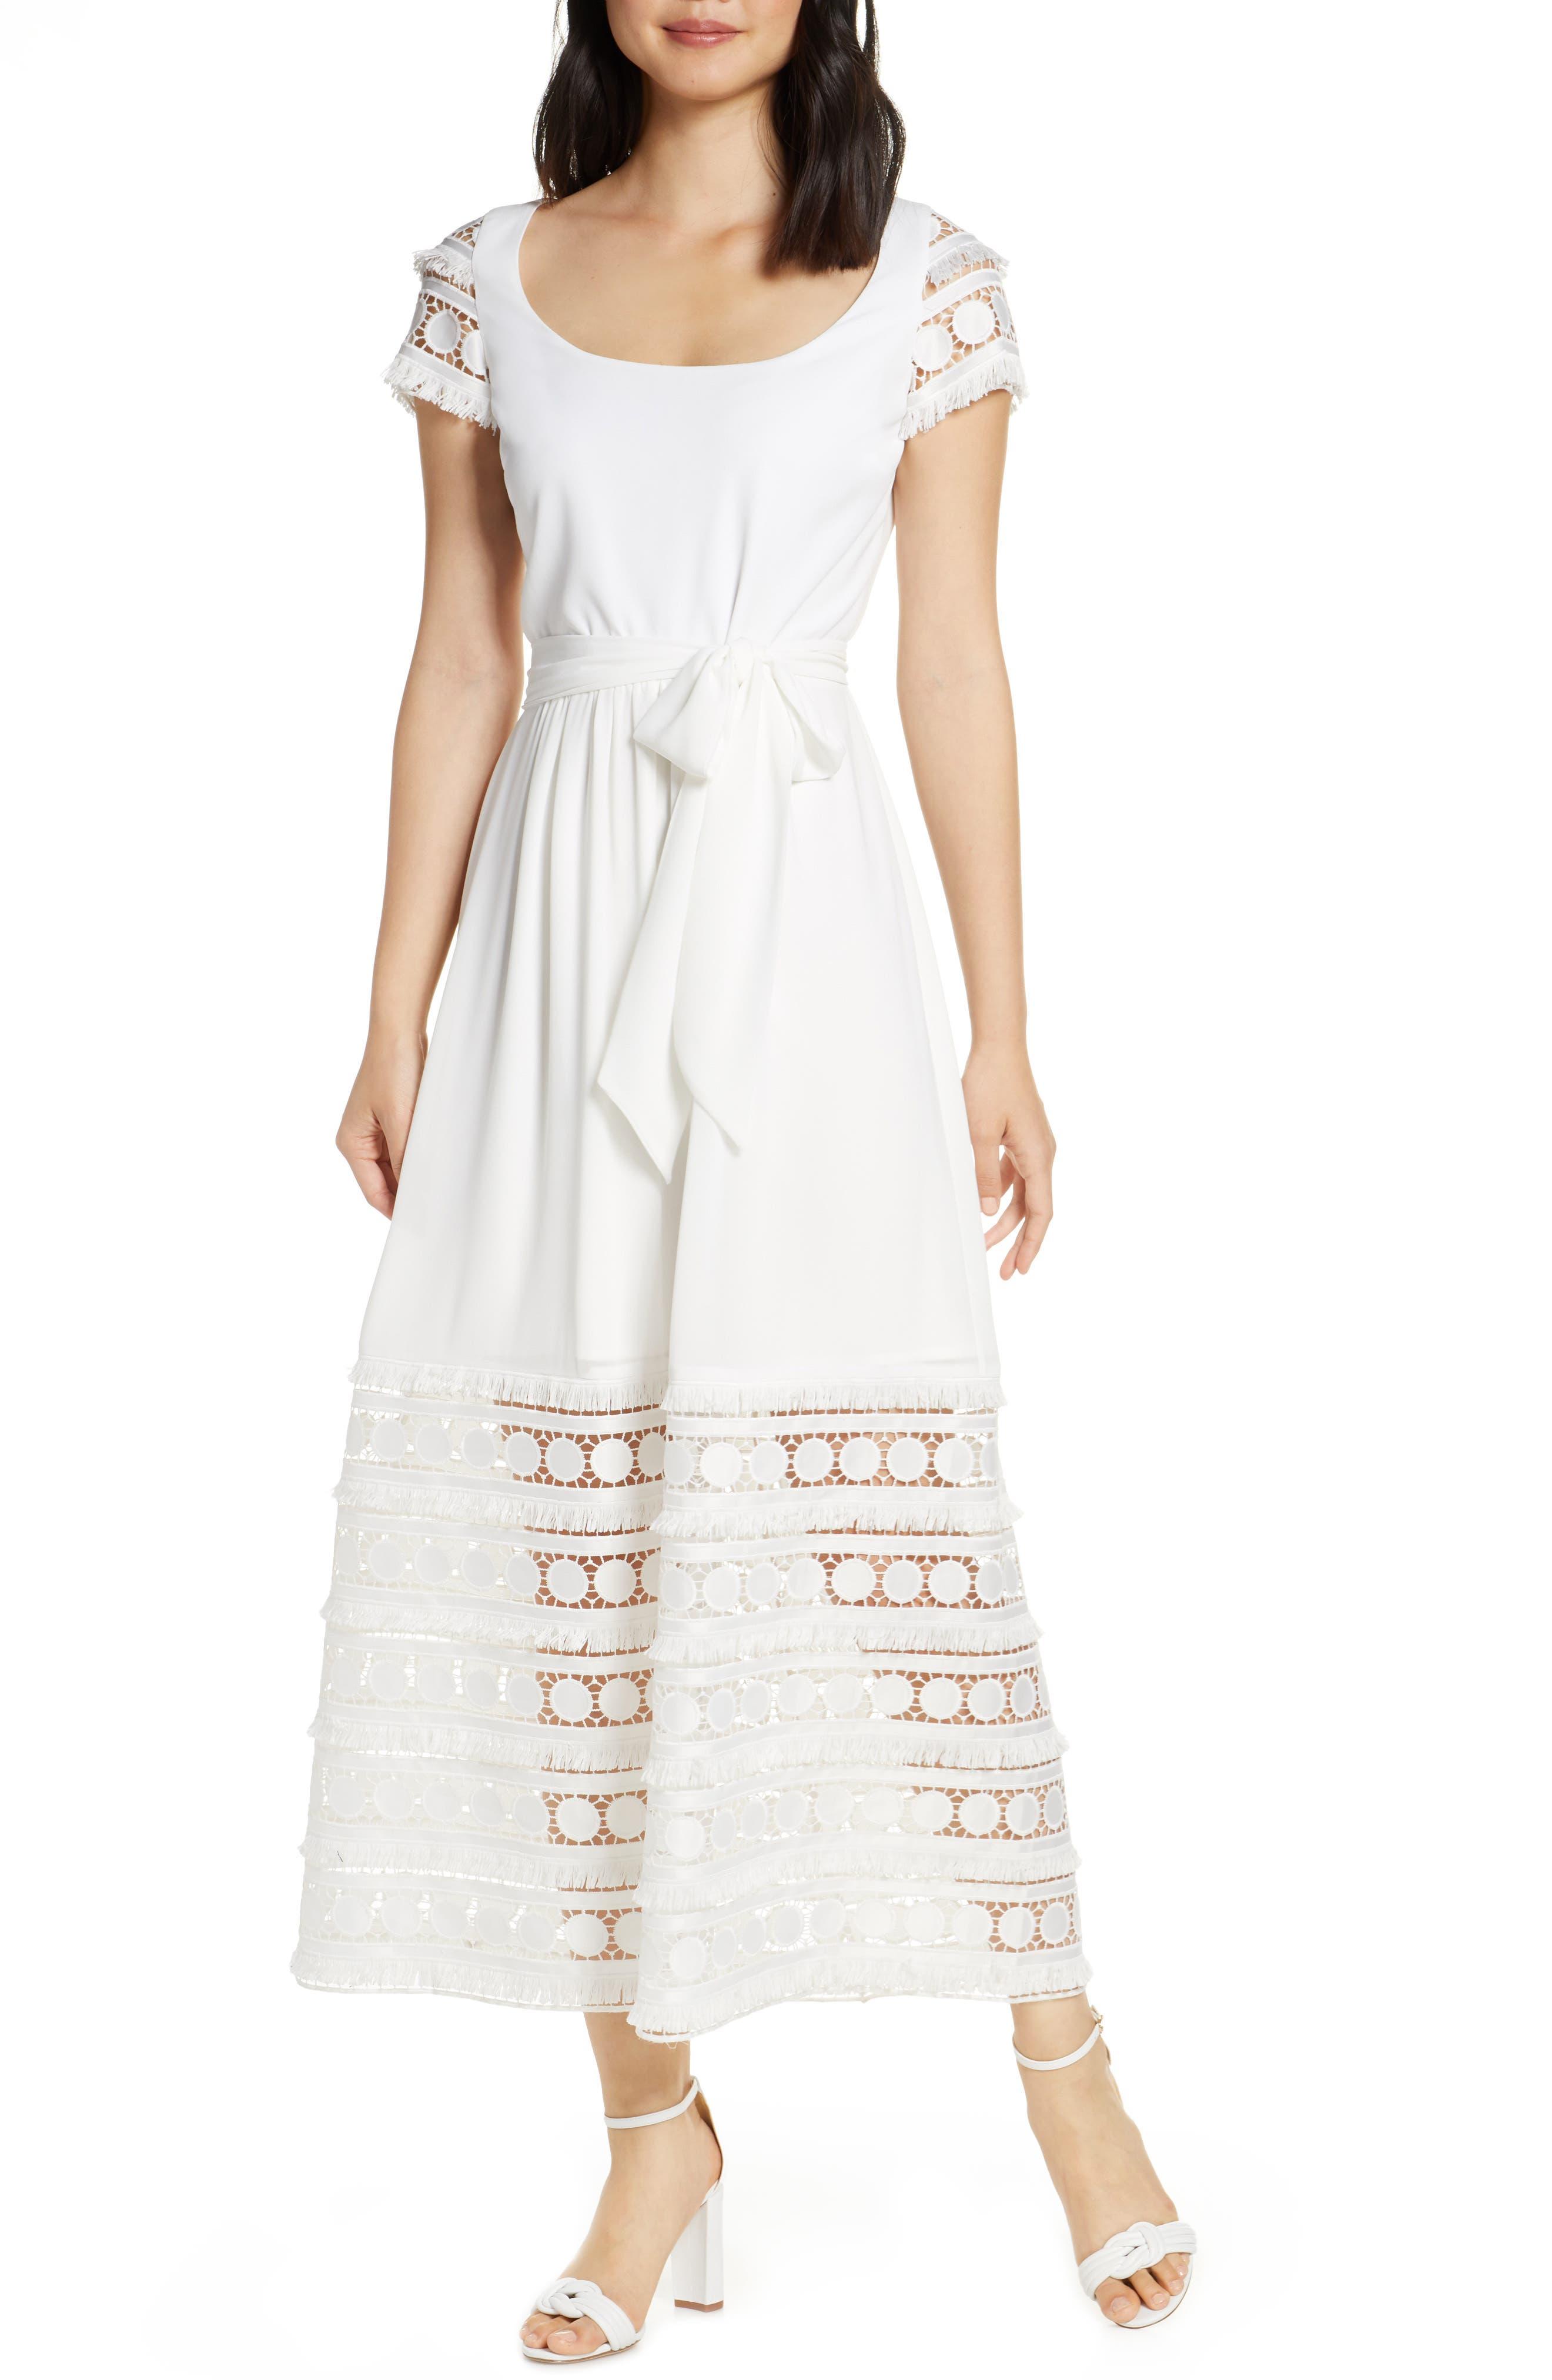 Mark + James By Badgley Mischka Lace Midi Dress, Ivory